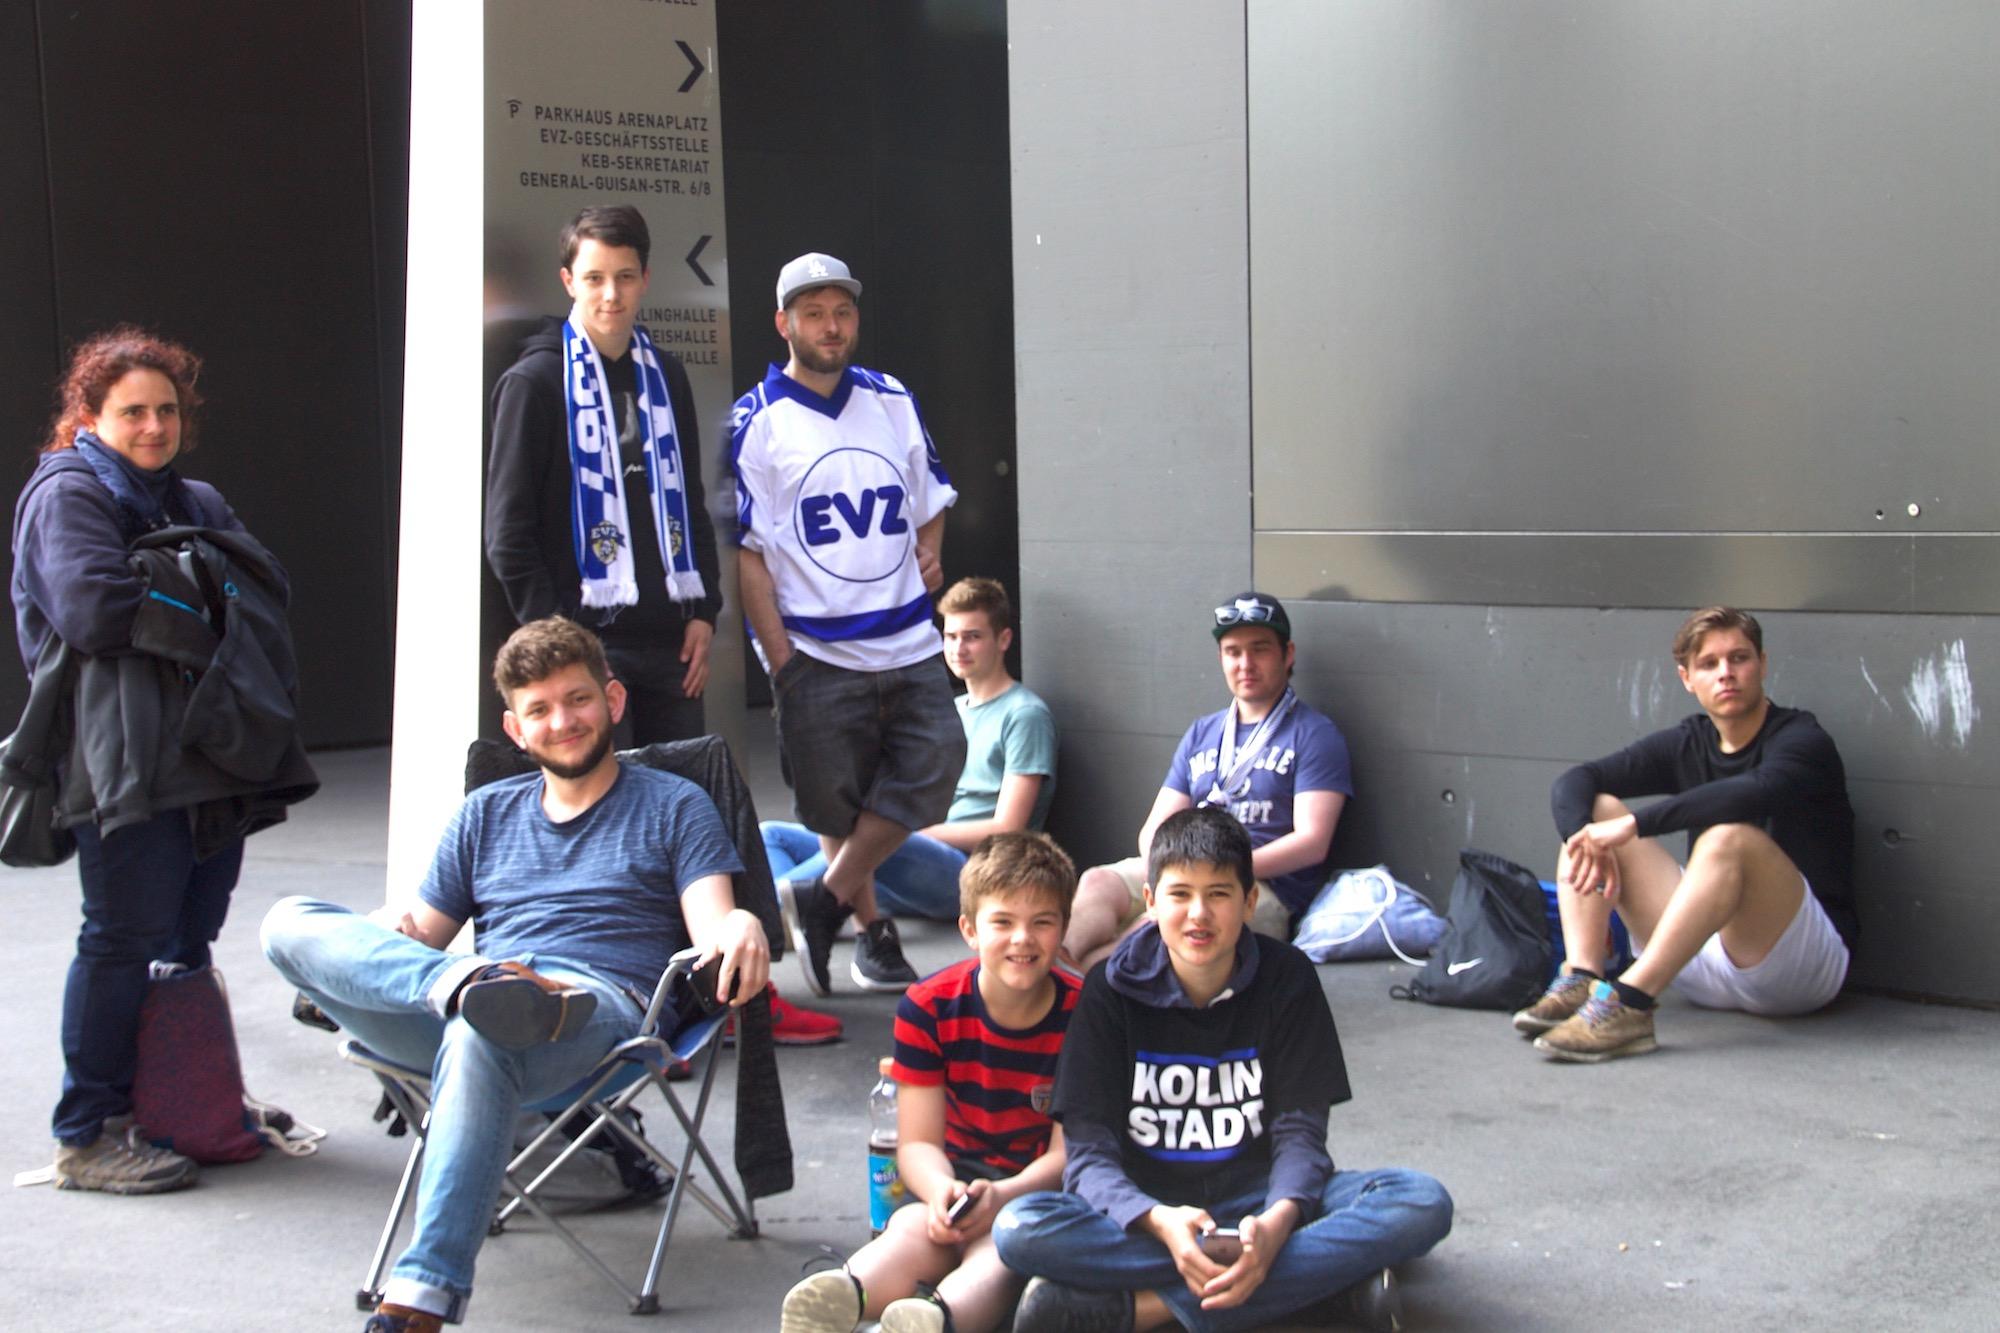 Trotz Strapazen happy: Diese EVZ-Fans sind die ersten in der Ticketschlange.